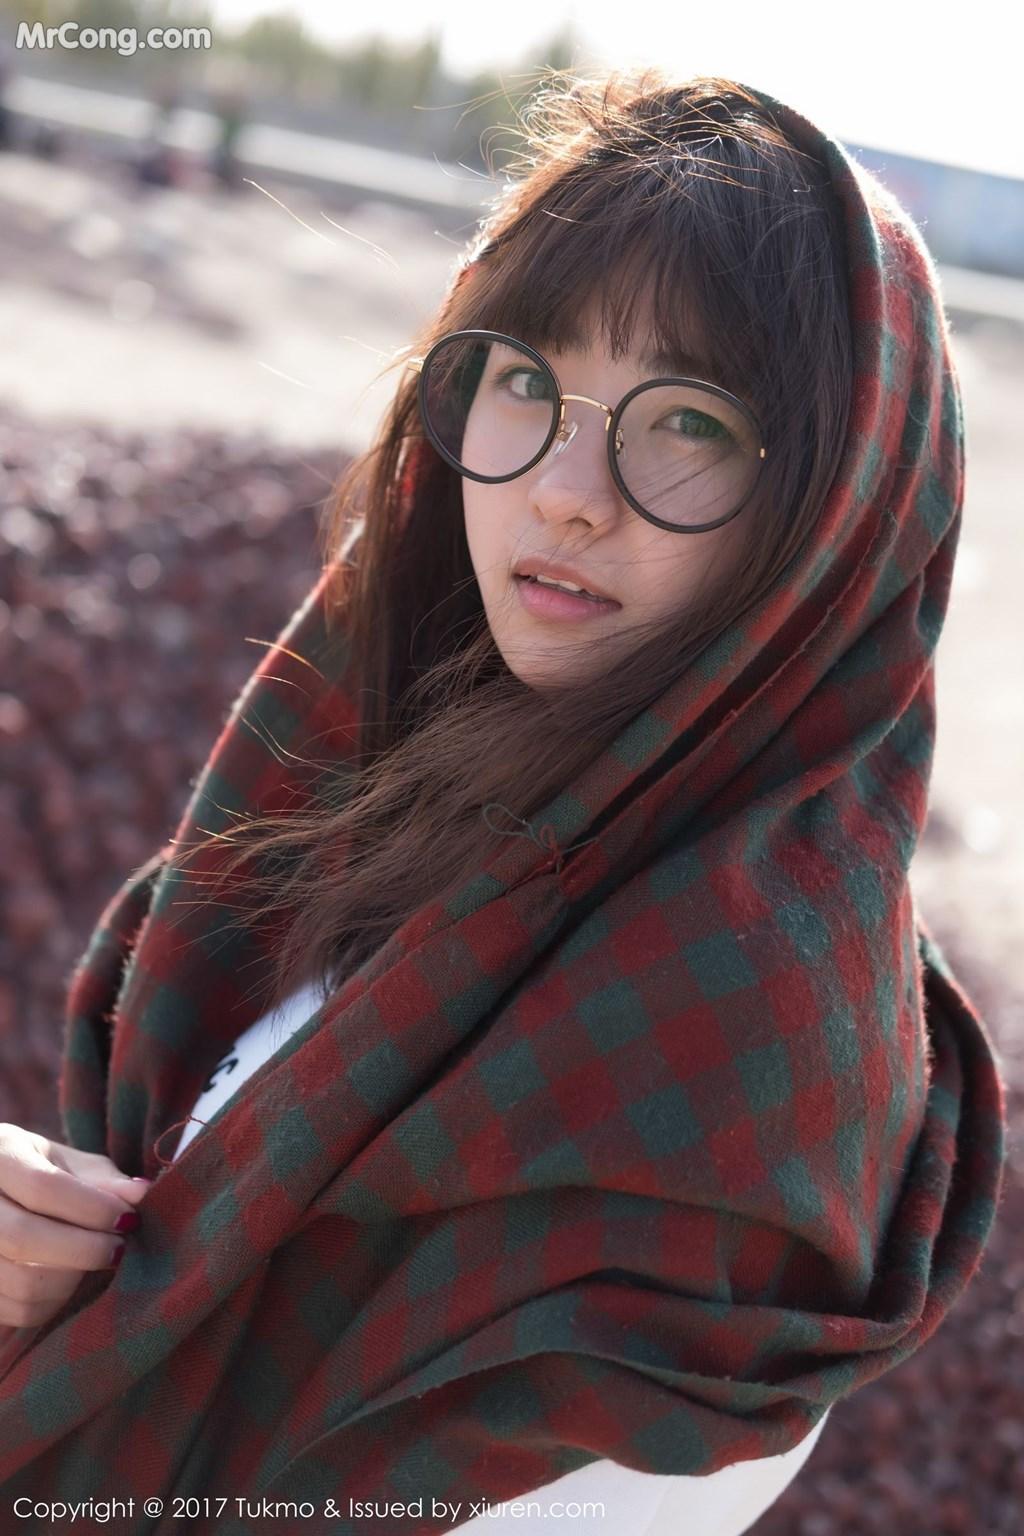 Image Tukmo-Vol.105-Qiu-Qiu-MrCong.com-003 in post Tukmo Vol.105: Người mẫu Qiu Qiu (球球) (41 ảnh)